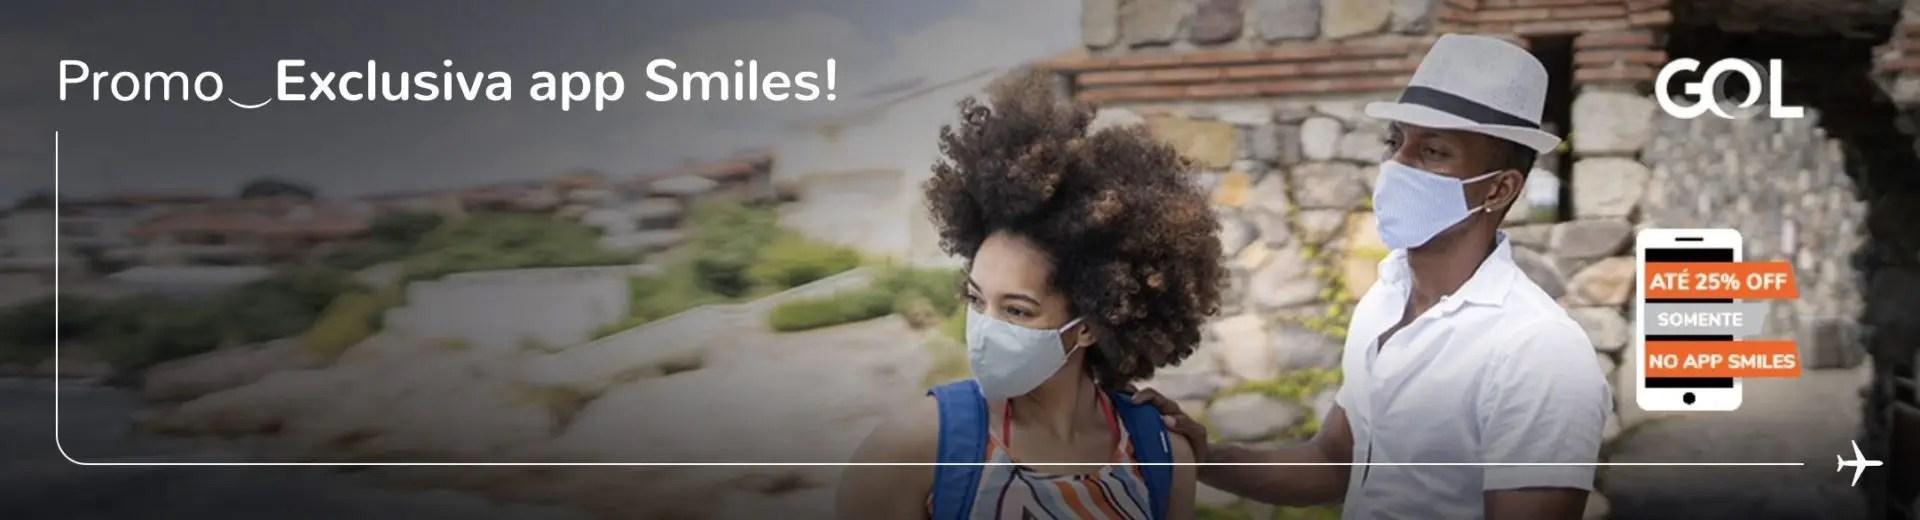 Smiles 25% desconto aplicativo